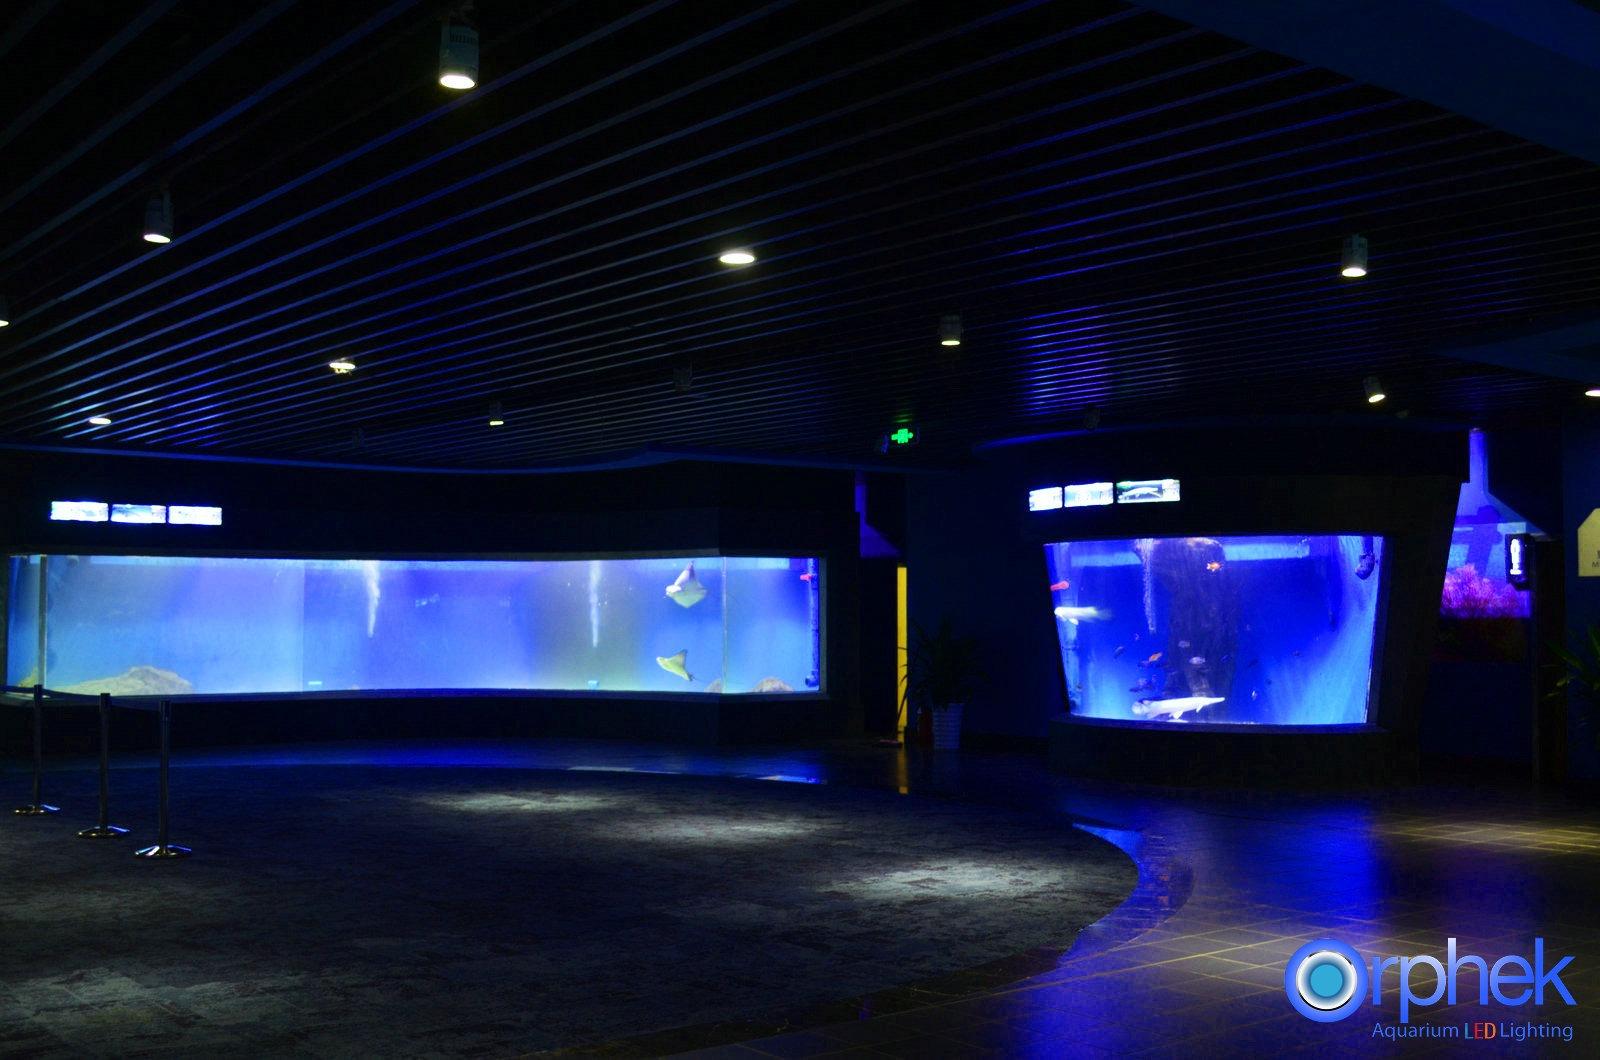 Aquarium led lighting photos meilleurs galerie d 39 clairage - Eclairage led aquarium ...